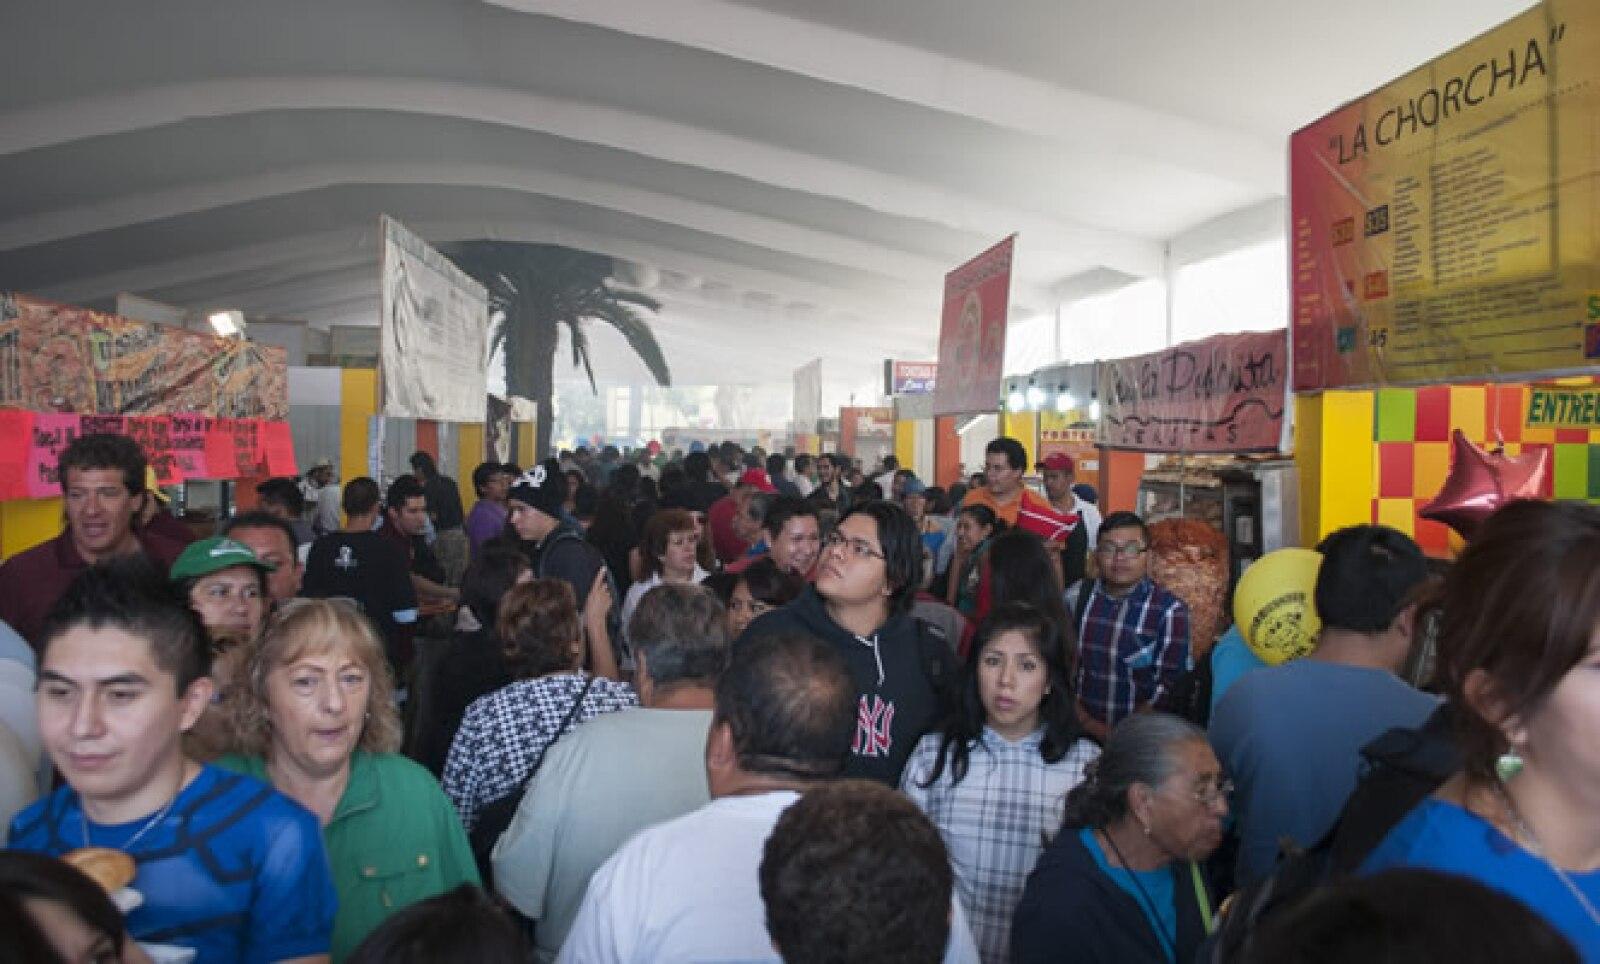 Los  torteros estimaron que la asistencia será mayor a la de 2013 al pasar de 300,000 visitantes  a 310,000, cifra superior a los 50,000 comensales que la acudieron a la primera edición.